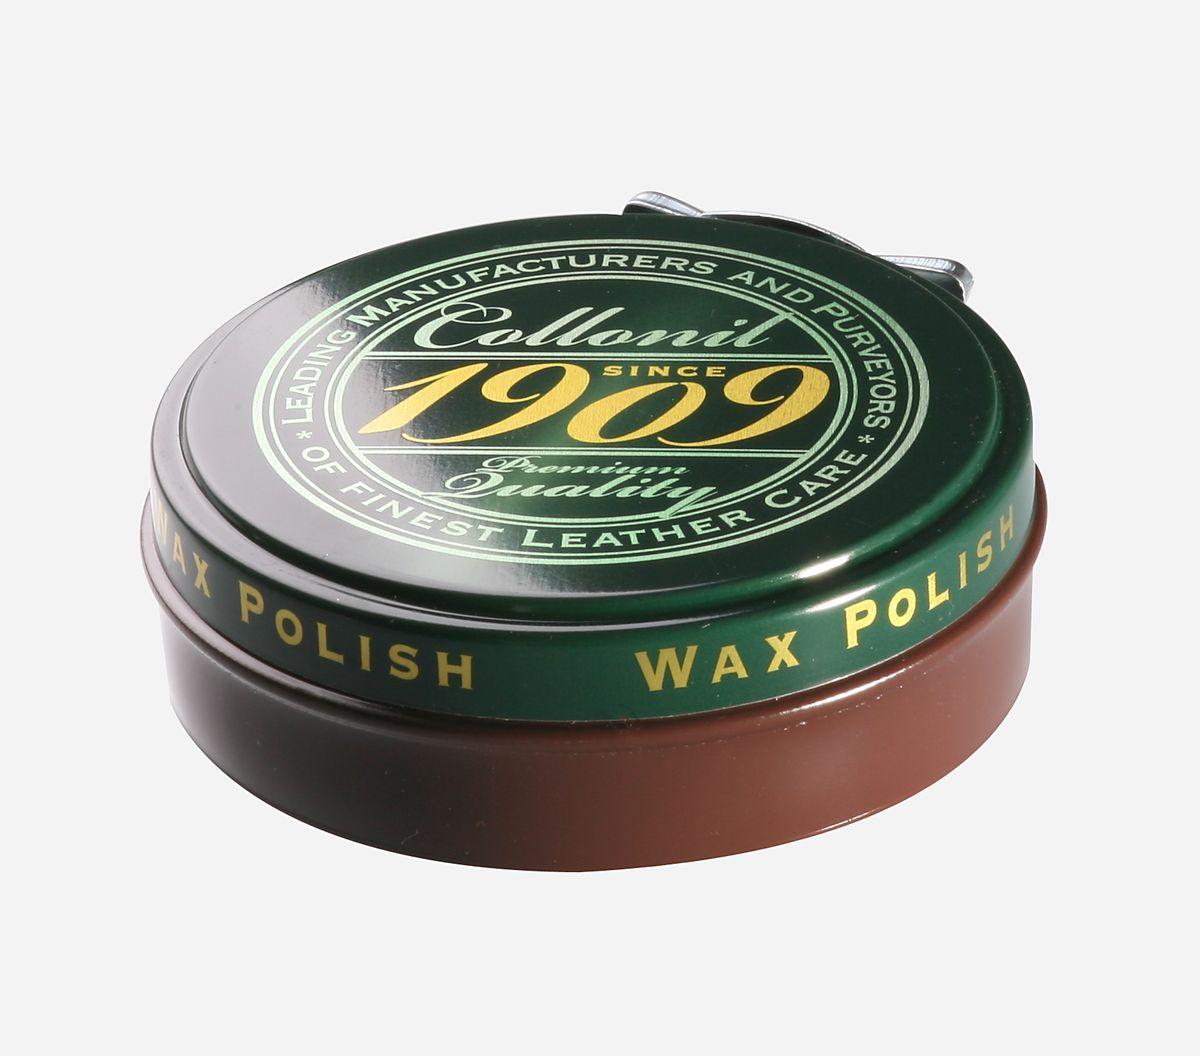 Крем для обуви Collonil 1909 Wax Polish, цвет: темно-коричневый, 75 мл6063 389Крем для гладкой кожи с зеркальным блеском, промасленного нубука, навощенной и сохраненной в натуральном виде гладкой кожи. Защищает и ухаживает, придает водо- и грязеотталкивающие свойства. Щадит материал и сохраняет его свойства.